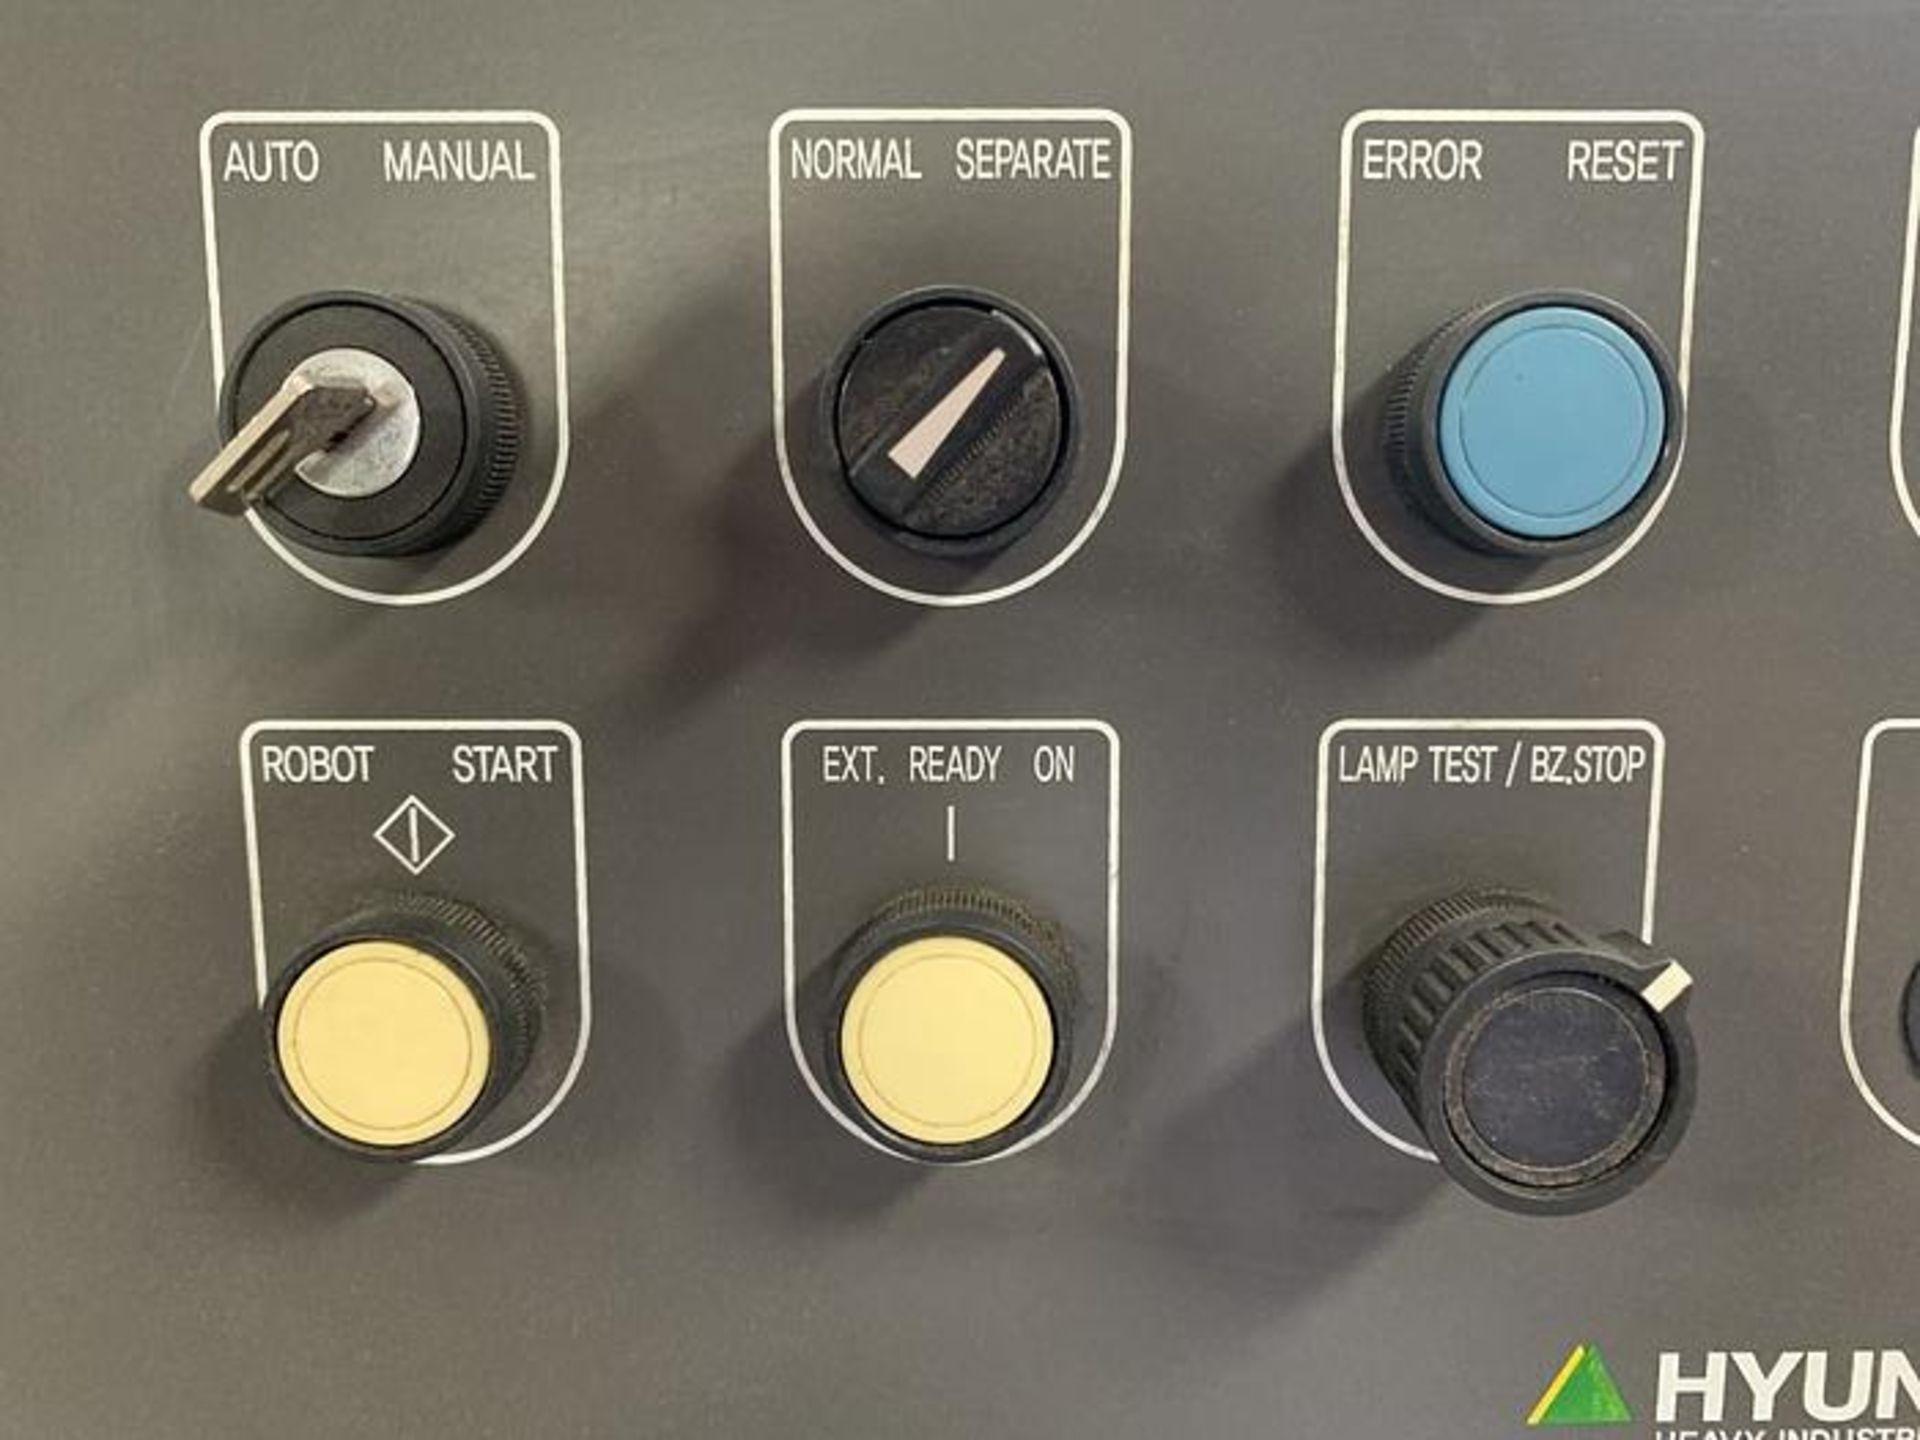 HYUNDIA MODEL HX400 400KG X 2573MM Hi5-N80U CONT. 6 AXIS CNC ROBOT, YEAR 2012, SN HB35-054-572 - Image 19 of 21